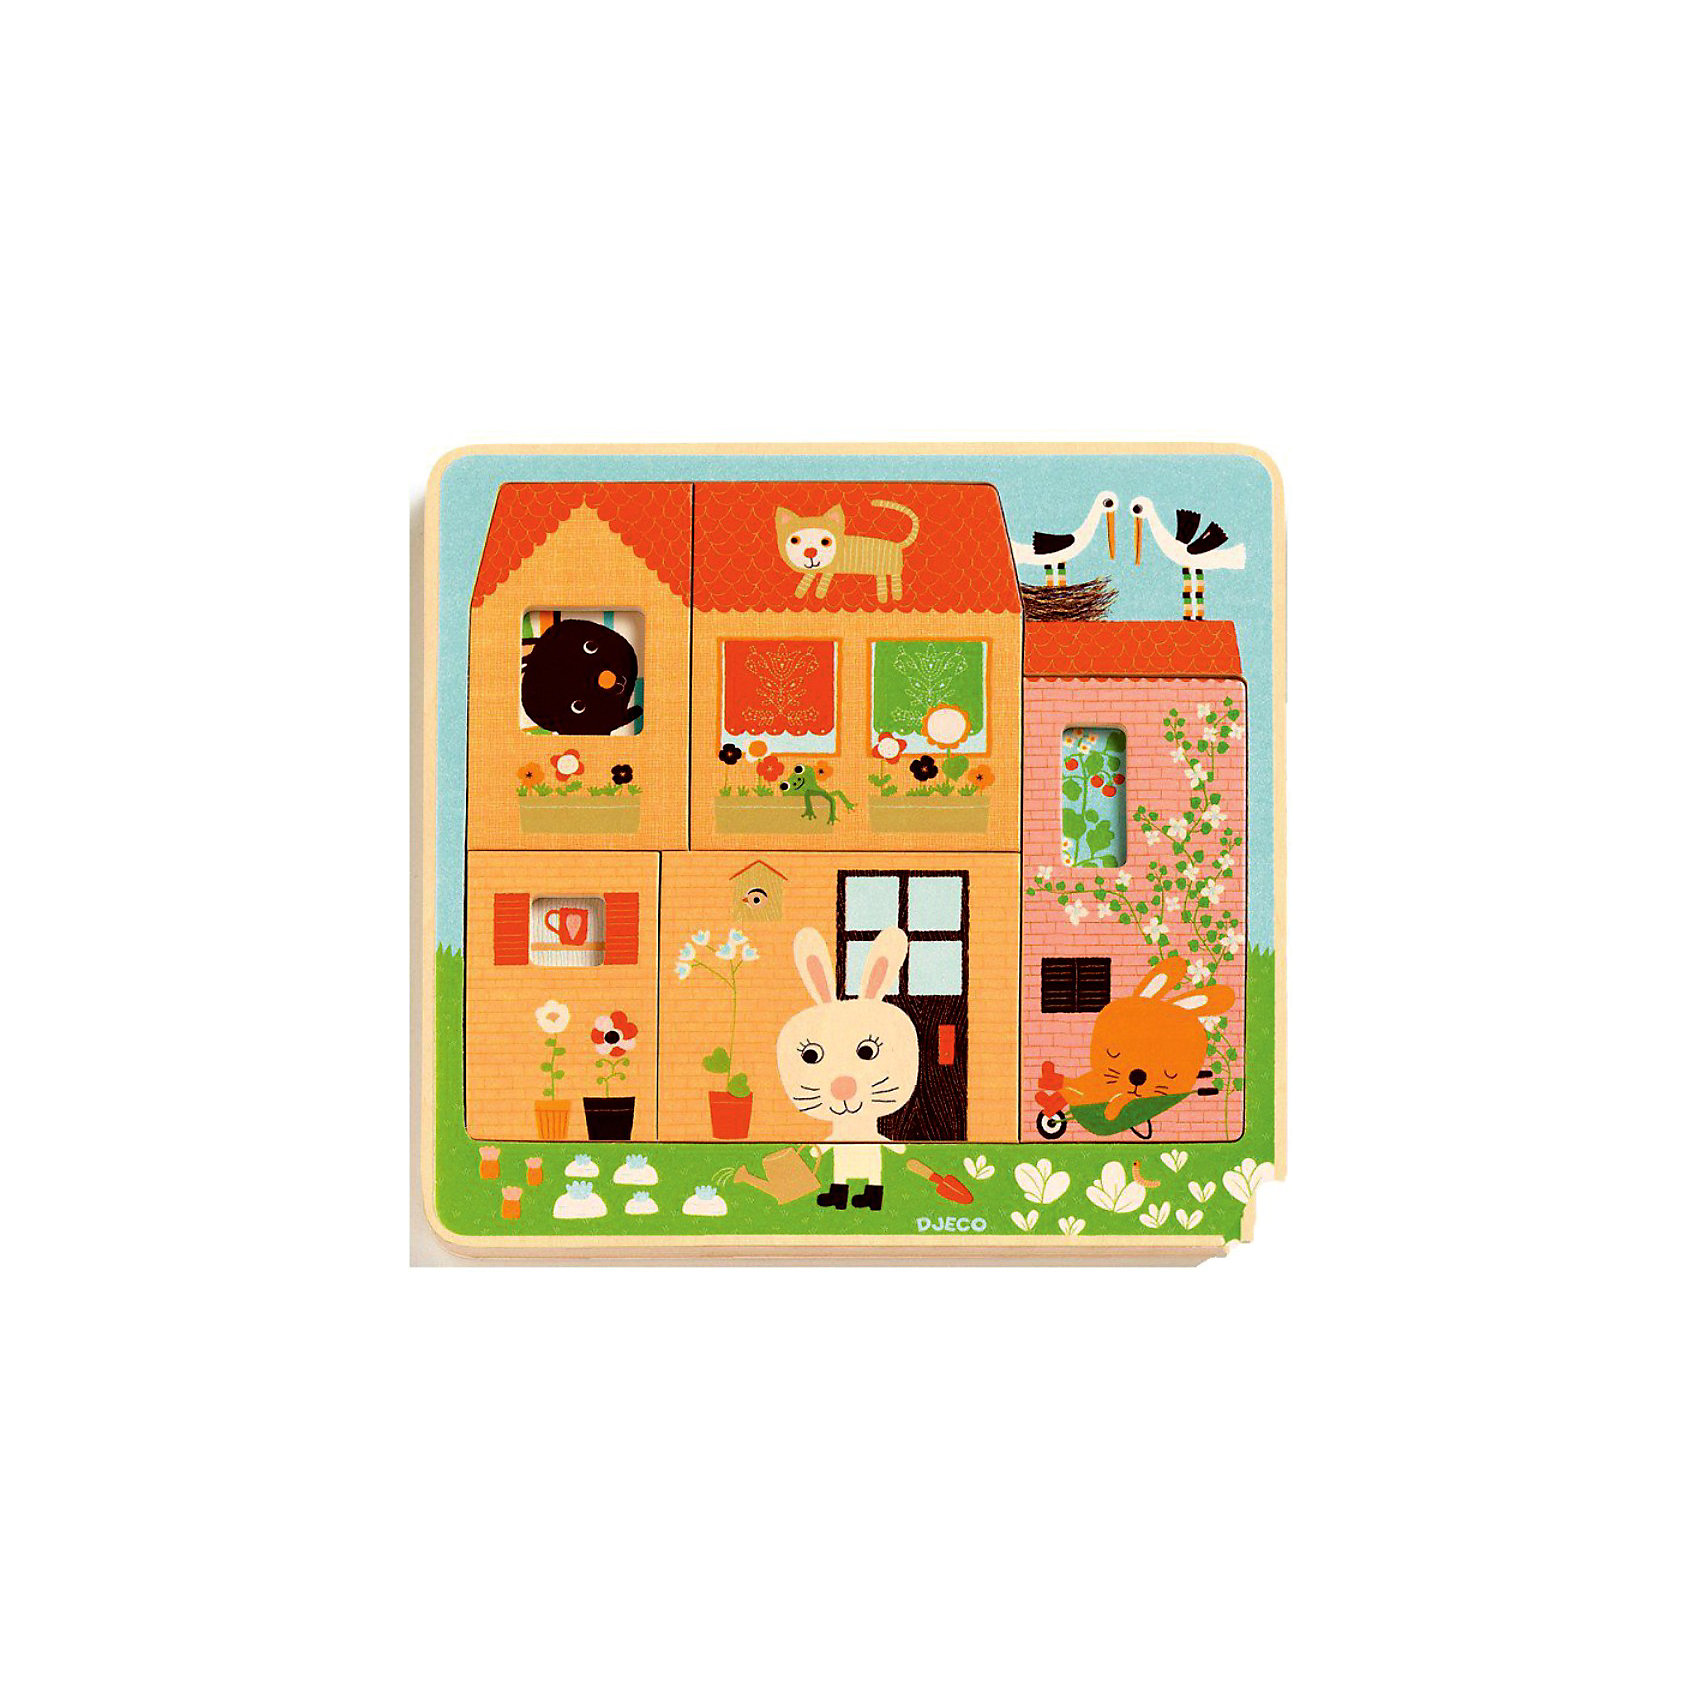 Трехслойный пазл Дом зайцев,  DJECO3D пазлы<br>Многослойные пазлы сейчас очень популярны! Ведь сочетают в себе и увлекательную игру и пользу пазла. Увлекательный и яркий трехслойный пазл Дом зайцев от DJECO (Джеко) откроет малышу дверь в увлекательный мир забавных зайчишек. Пазл состоит из 3-х слоев: первый слой - домик заек, второй слой - комнаты, третий - сами зайчики. Малышу будет очень интересно играя и складывая изучать слой за слоем жизнь зайчиков в их доме. Покажите малышу, как сопоставлять цвета и формы и он с радостью будет собирать маленькую семью снова и снова. Пазл полностью выполнен из натурального дерева, все его детали гладкие и яркие, поэтому он очень хорошо подойдет начинающим любителям пазлов.  Игра развивает пространственное мышление, тренирует мелкую моторику. За веселой игрой у детей развивается воображение, они знакомятся с окружающим миром, его формами, размерами и цветами.<br><br>Дополнительная информация:<br><br>- Многослойный пазл из натурального дерева;<br>- Прекрасный тренажер для моторных навыков, логического мышления, внимания;<br>- Подходит для первого знакомства с пазлами;<br>- Три слоя;<br>- Яркие цвета, безопасные краски;<br>- Продается в коробочке удобной для хранения;<br>- Размер пазла: 26 х 26 х 2 см;<br>- Вес: 400 г<br><br>Трехслойный пазл Дом зайцев DJECO (Джеко) можно купить в нашем интернет-магазине.<br><br>Ширина мм: 260<br>Глубина мм: 260<br>Высота мм: 25<br>Вес г: 700<br>Возраст от месяцев: 24<br>Возраст до месяцев: 60<br>Пол: Унисекс<br>Возраст: Детский<br>SKU: 3778401